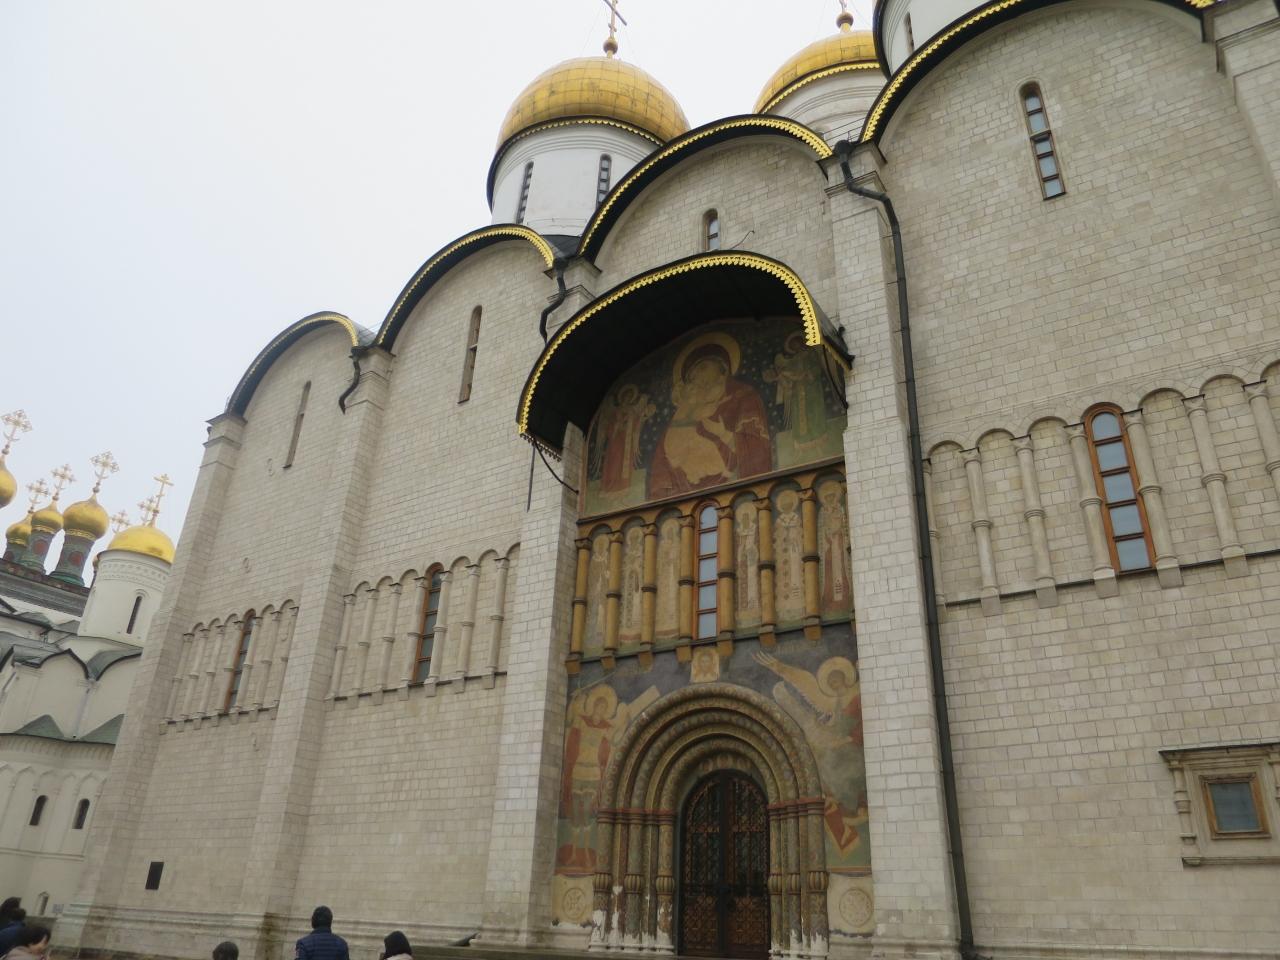 生神女就寝大聖堂 (ウラジーミル)の画像 p1_17